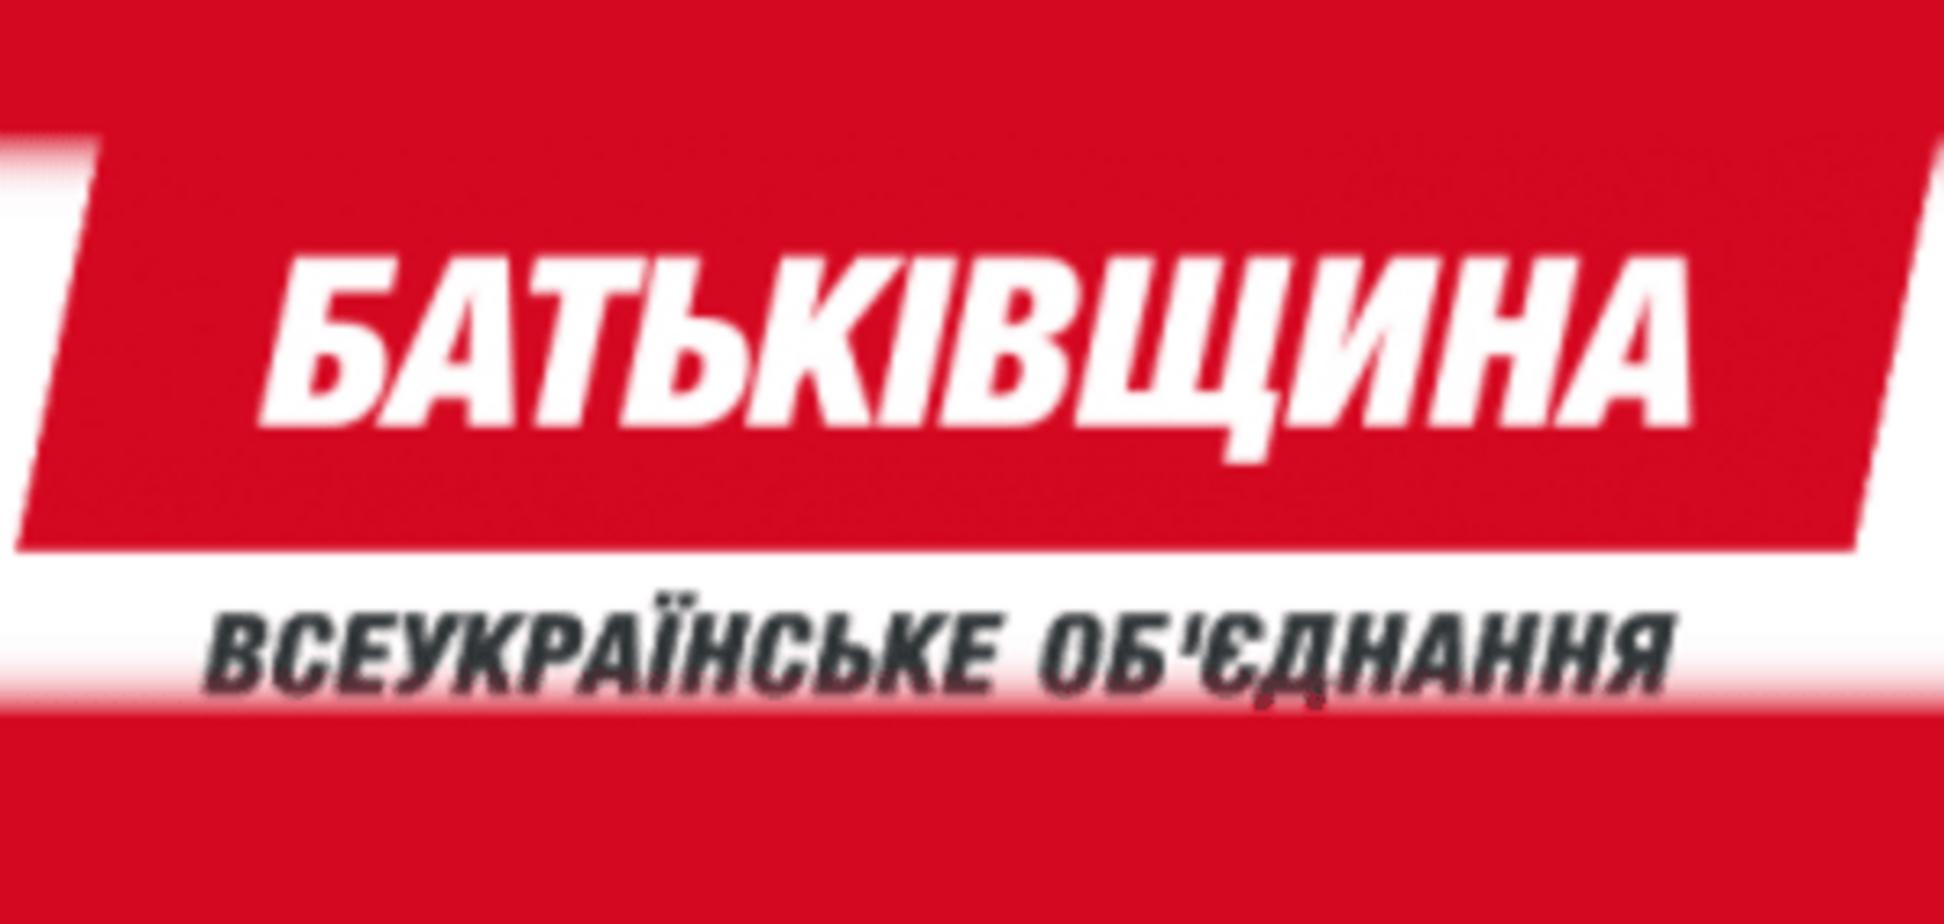 У Києві раптово помер кандидат у депутати від 'Батьківщини'